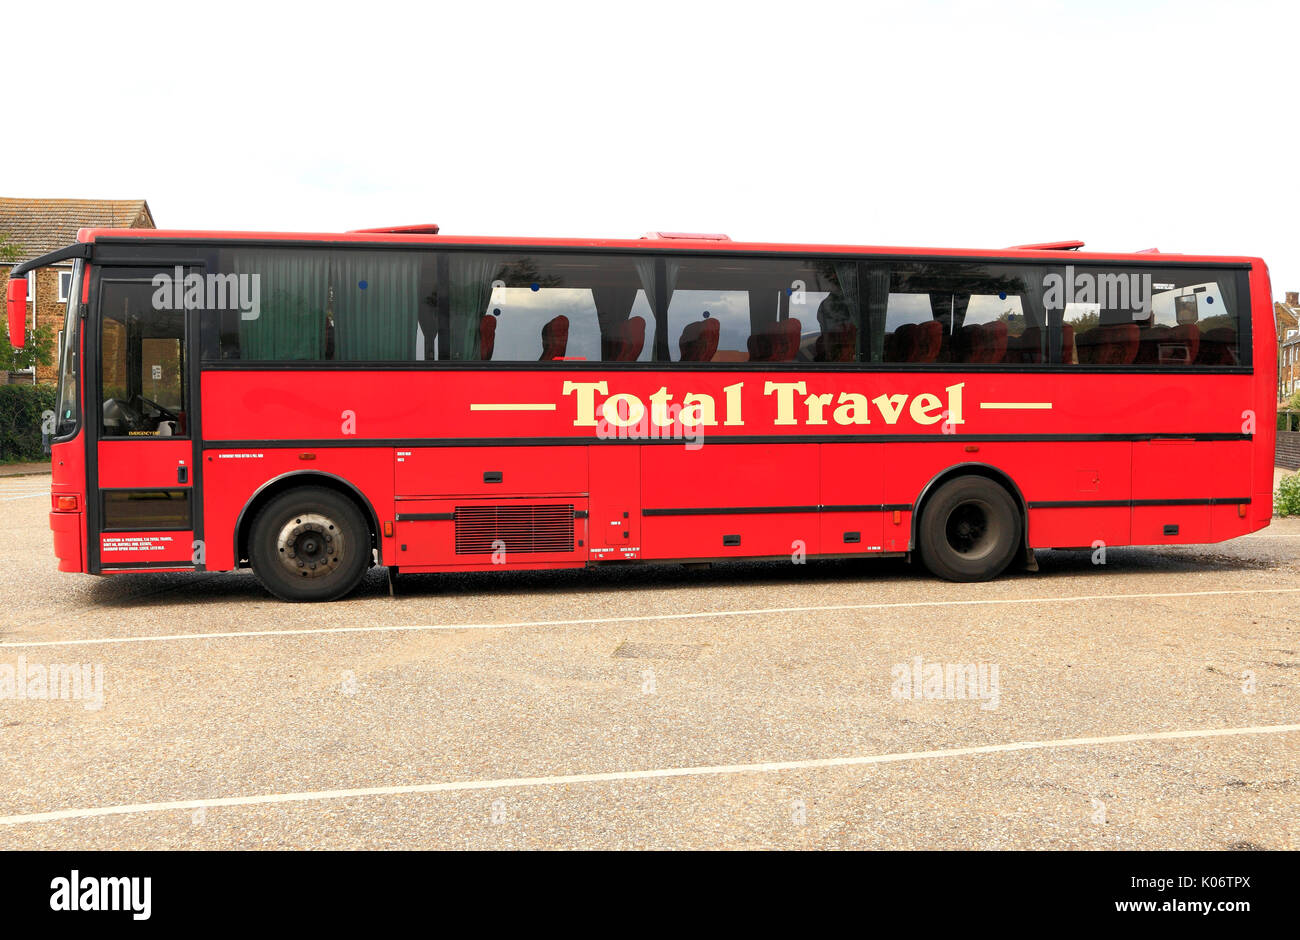 Corsa totale, pullman, autobus e gite di un giorno, viaggio, escursione, escursioni, società, imprese, England, Regno Unito Immagini Stock